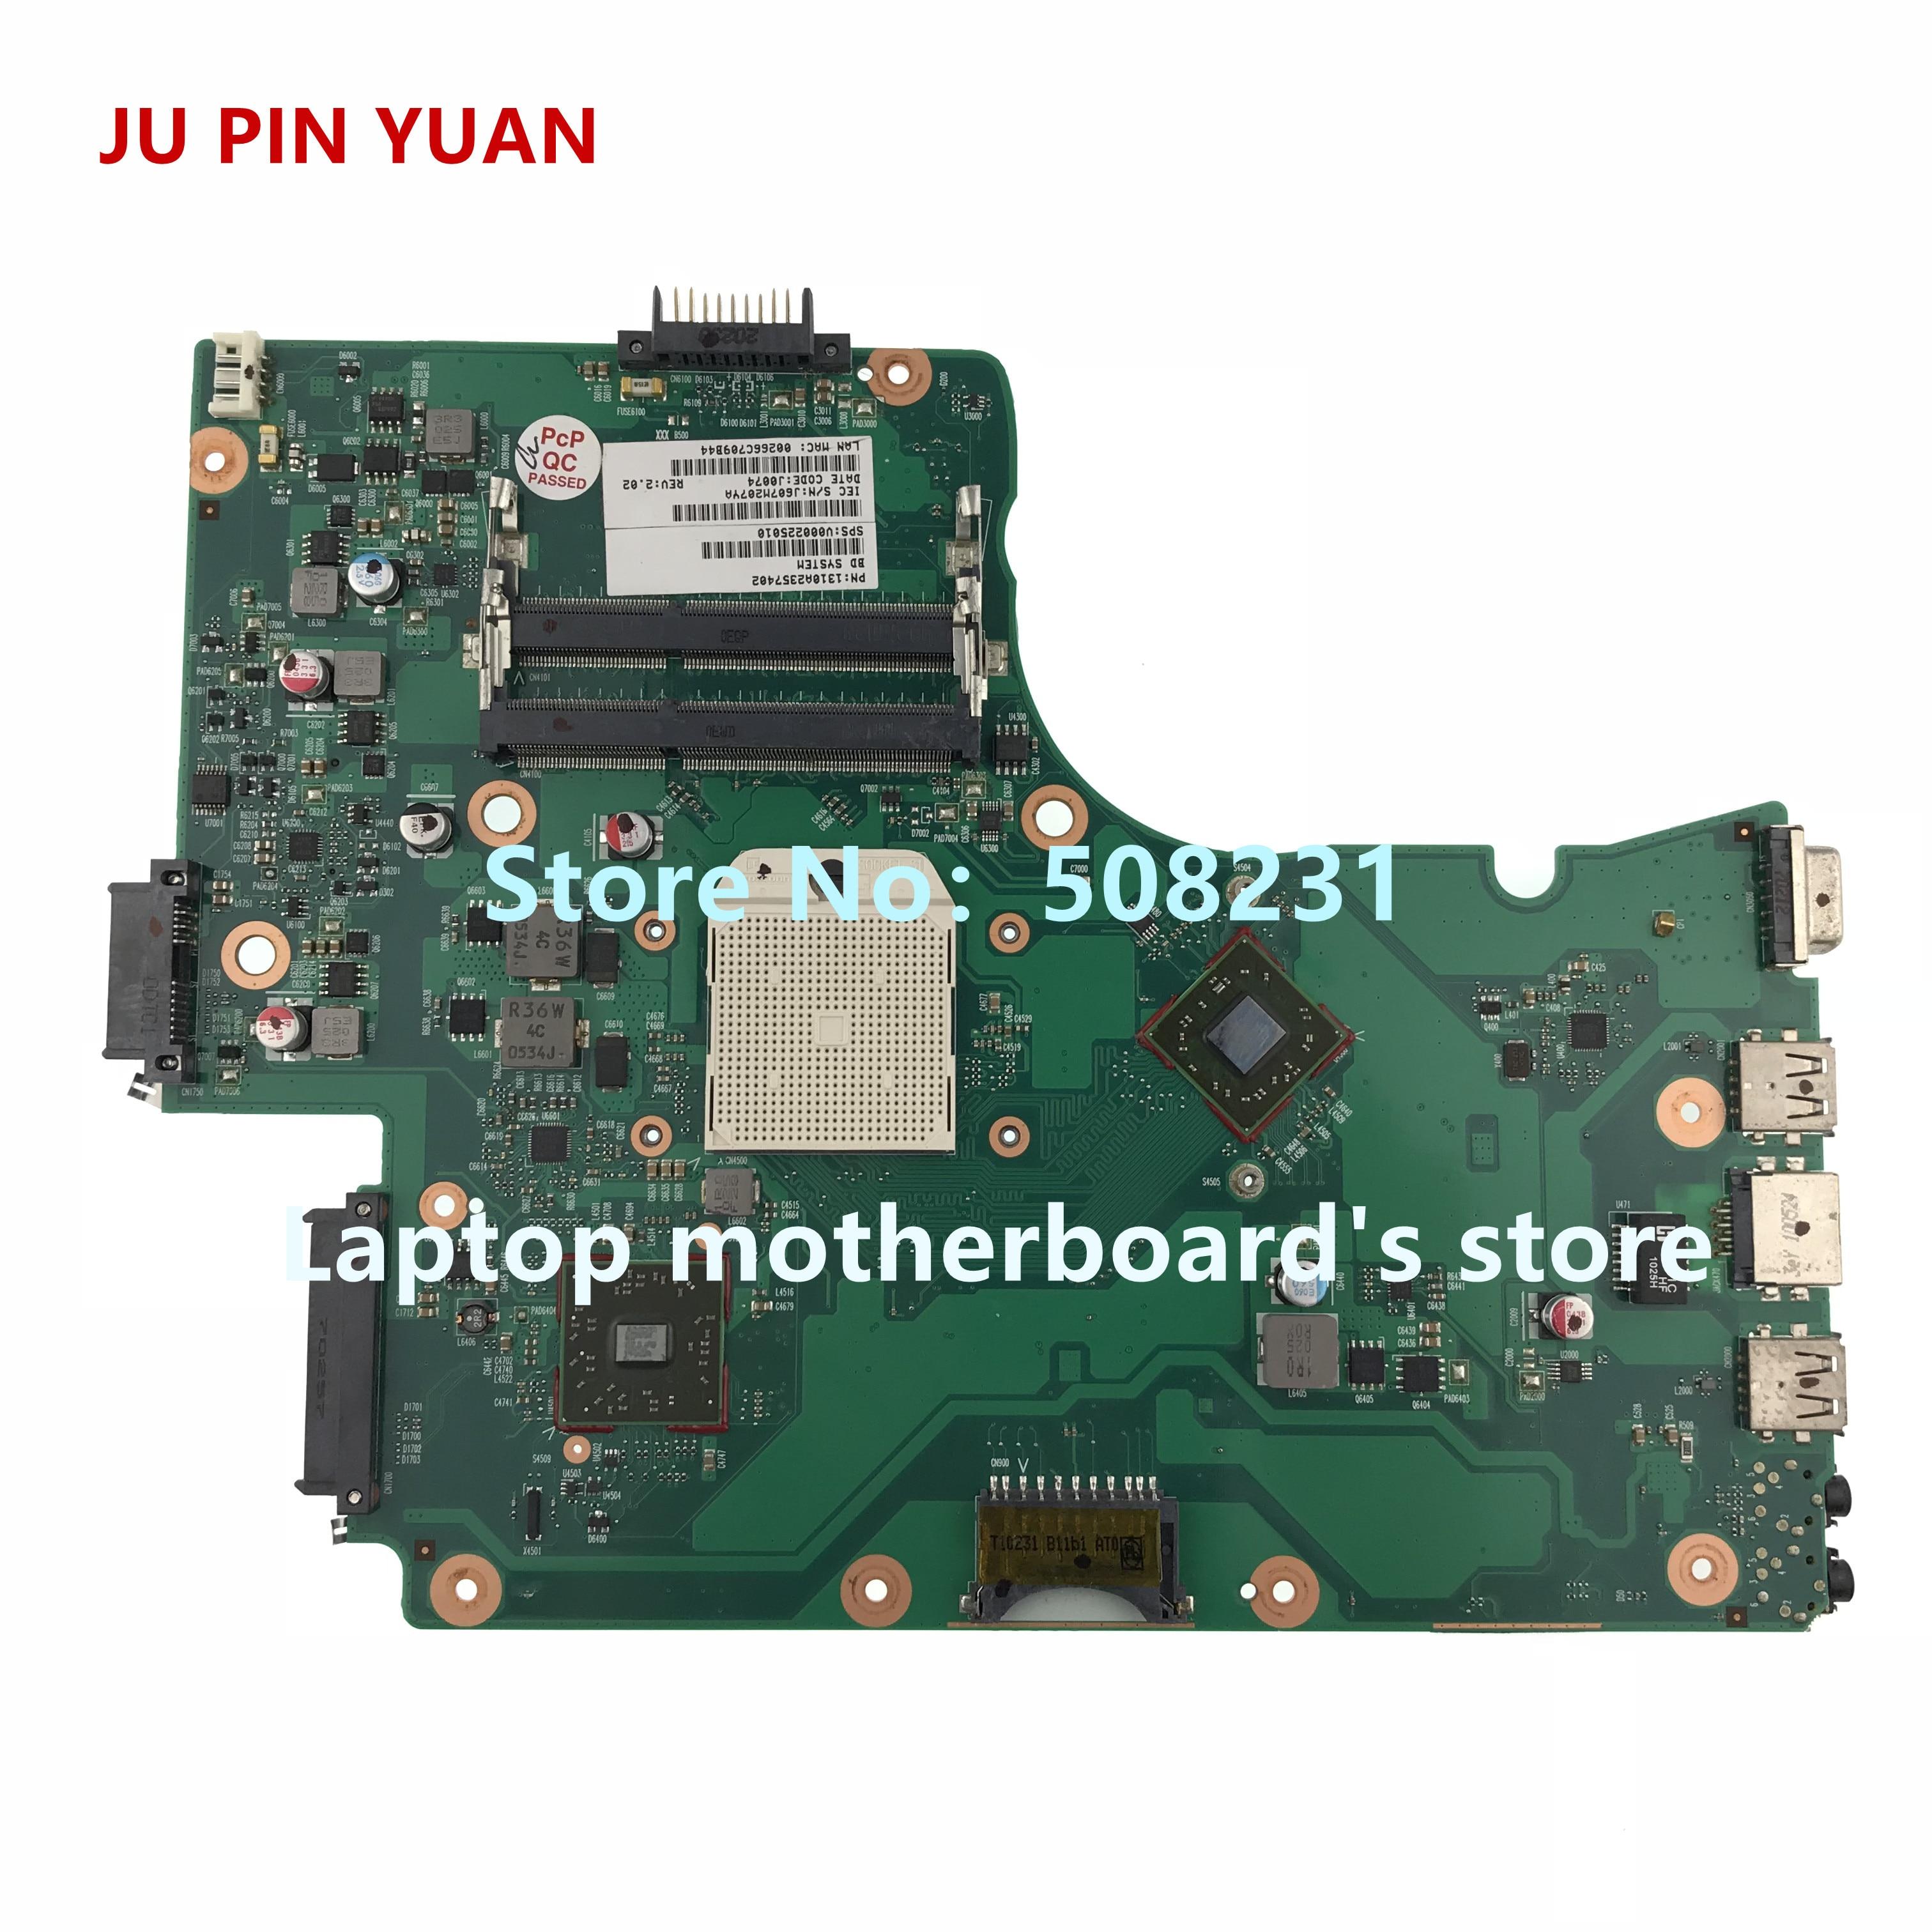 JU PIN YUAN V000225010 Toshiba Uydu C650D C655D laptop anakart 6050A2357401-MB-A02JU PIN YUAN V000225010 Toshiba Uydu C650D C655D laptop anakart 6050A2357401-MB-A02